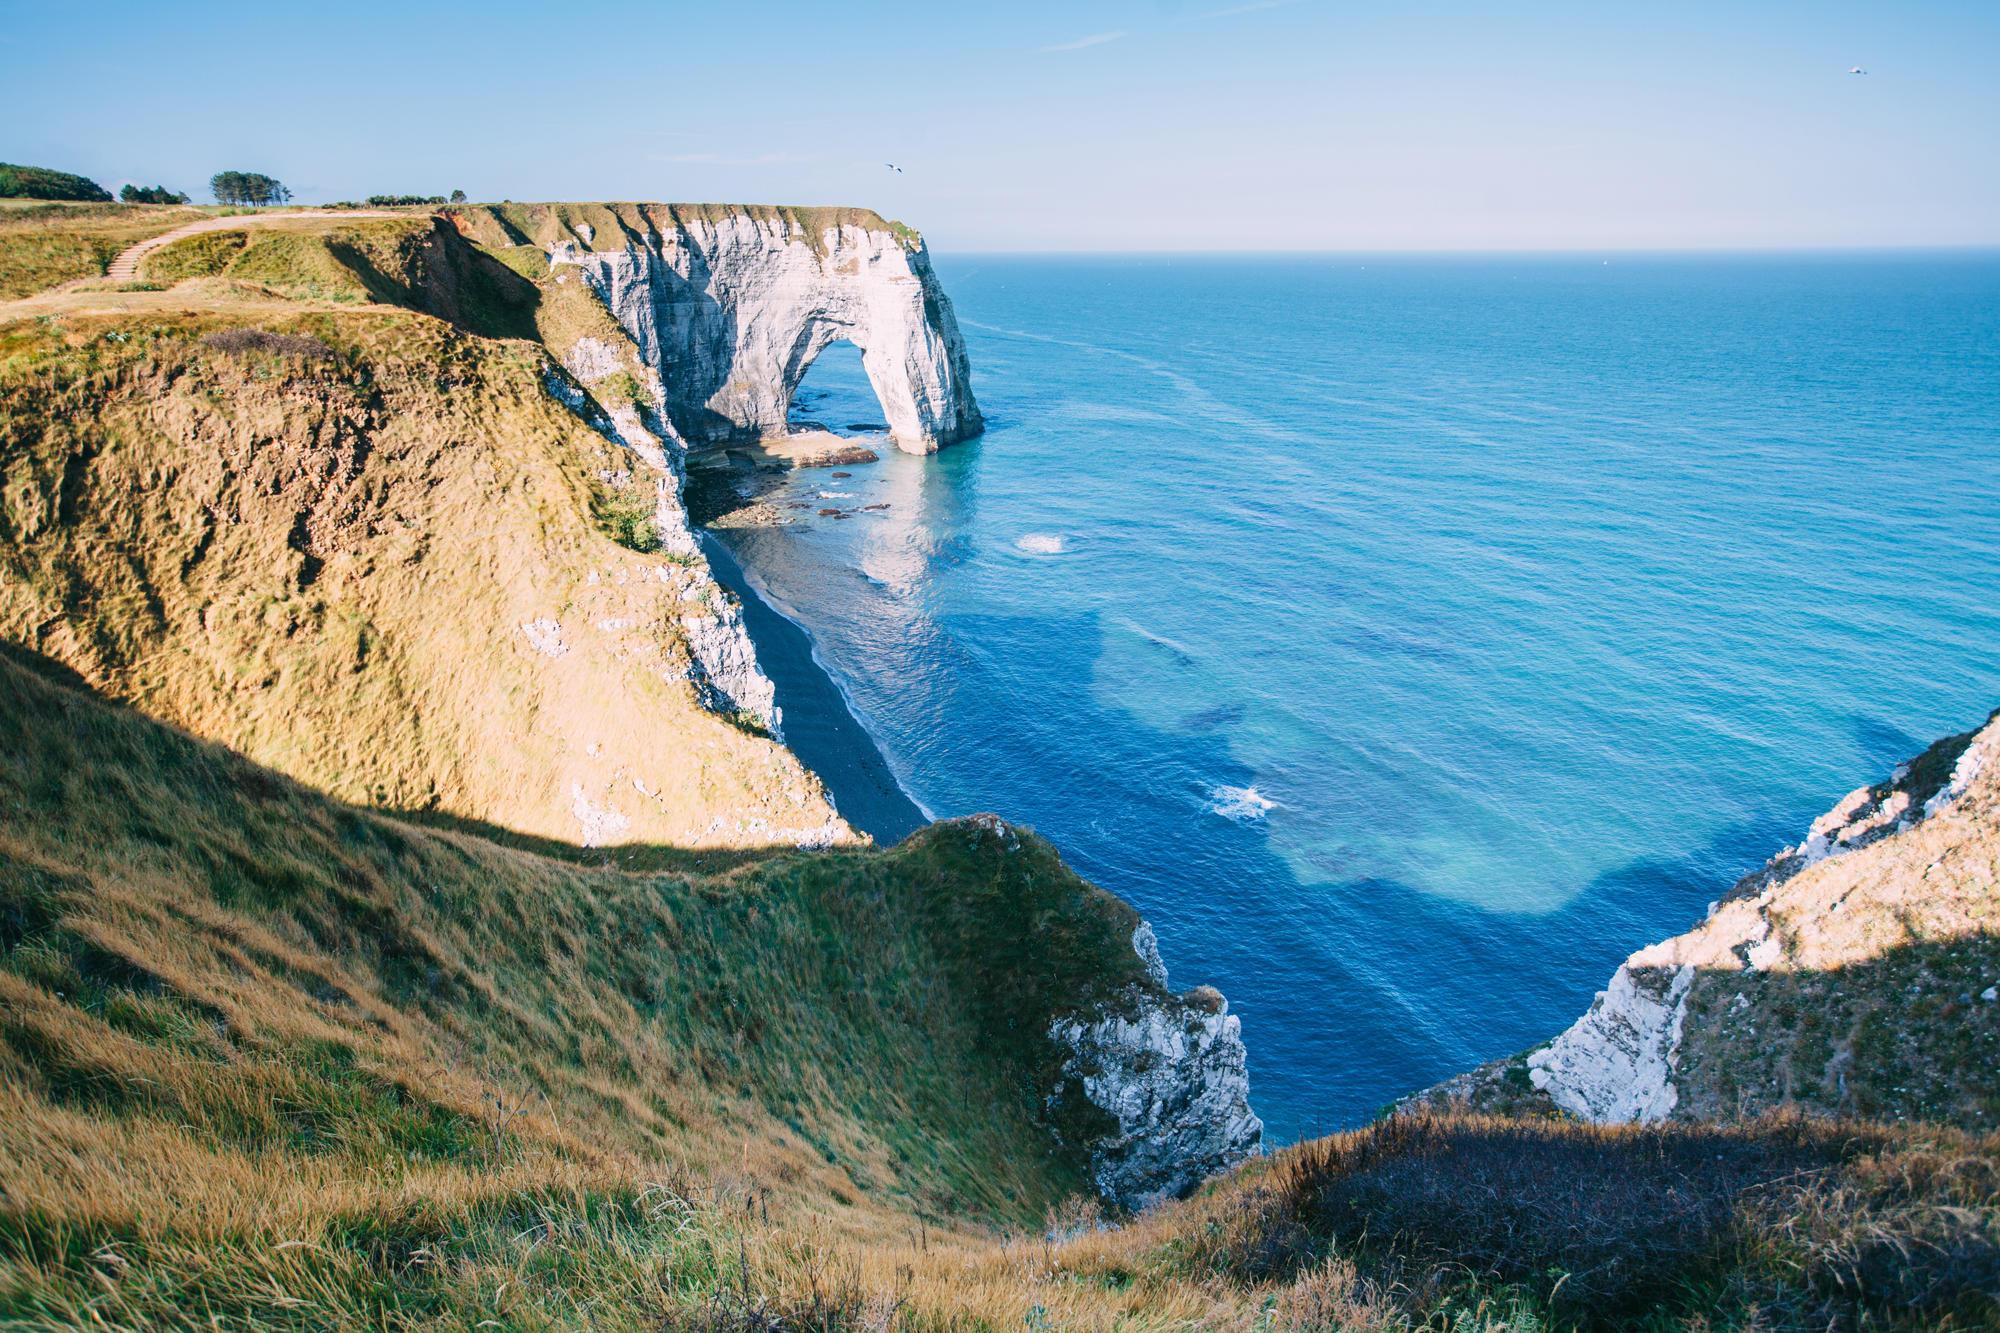 Küstenstraßen in Europa: Die Alabasterküste in der Normandie